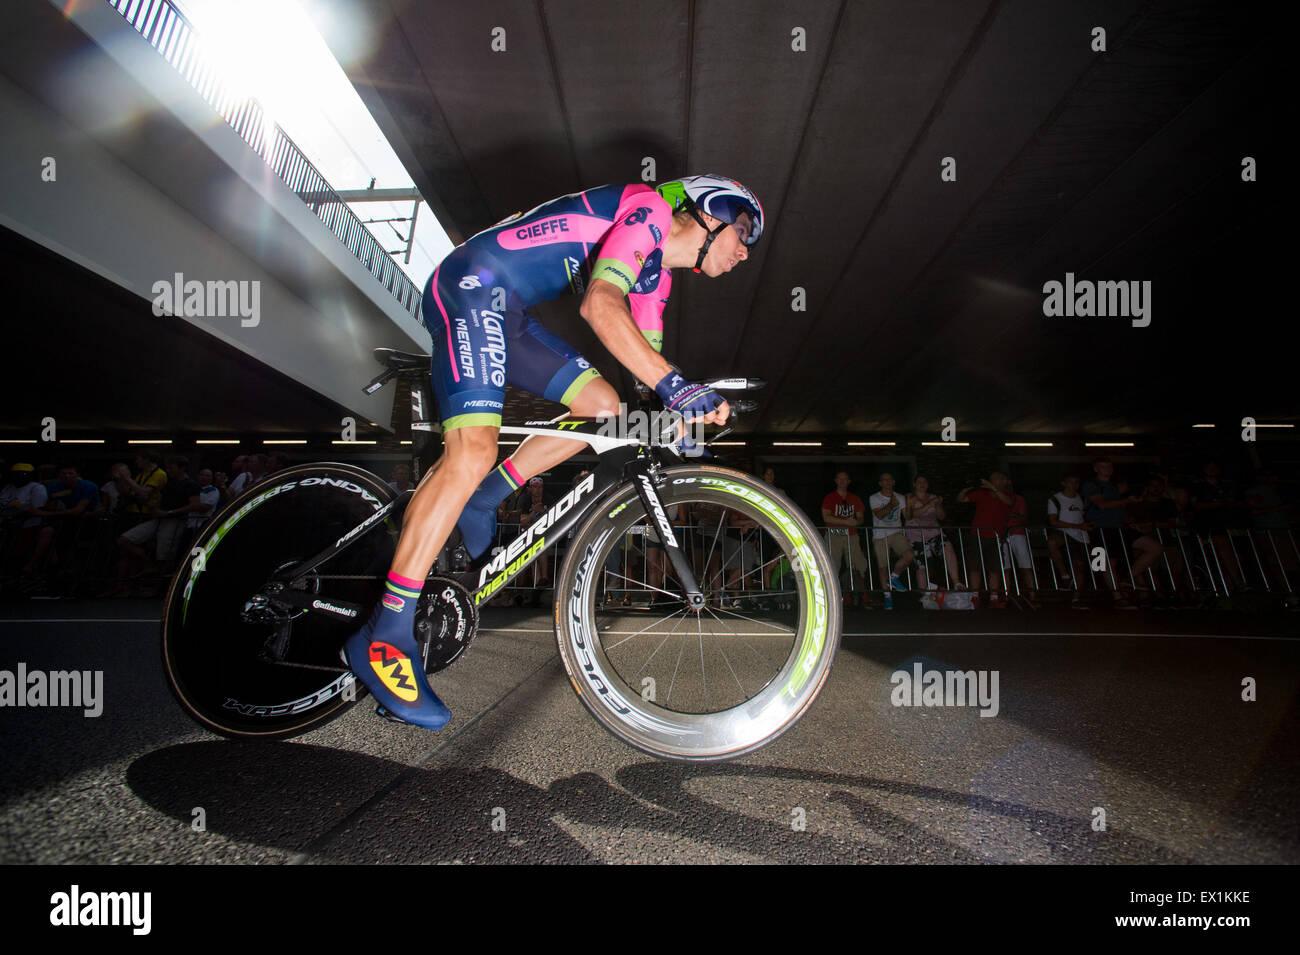 Utrecht, Pays-Bas. Le 04 juillet, 2015. Rui Costa (Lampre) pendant le contre-la-montre individuel du Tour de France Photo Stock